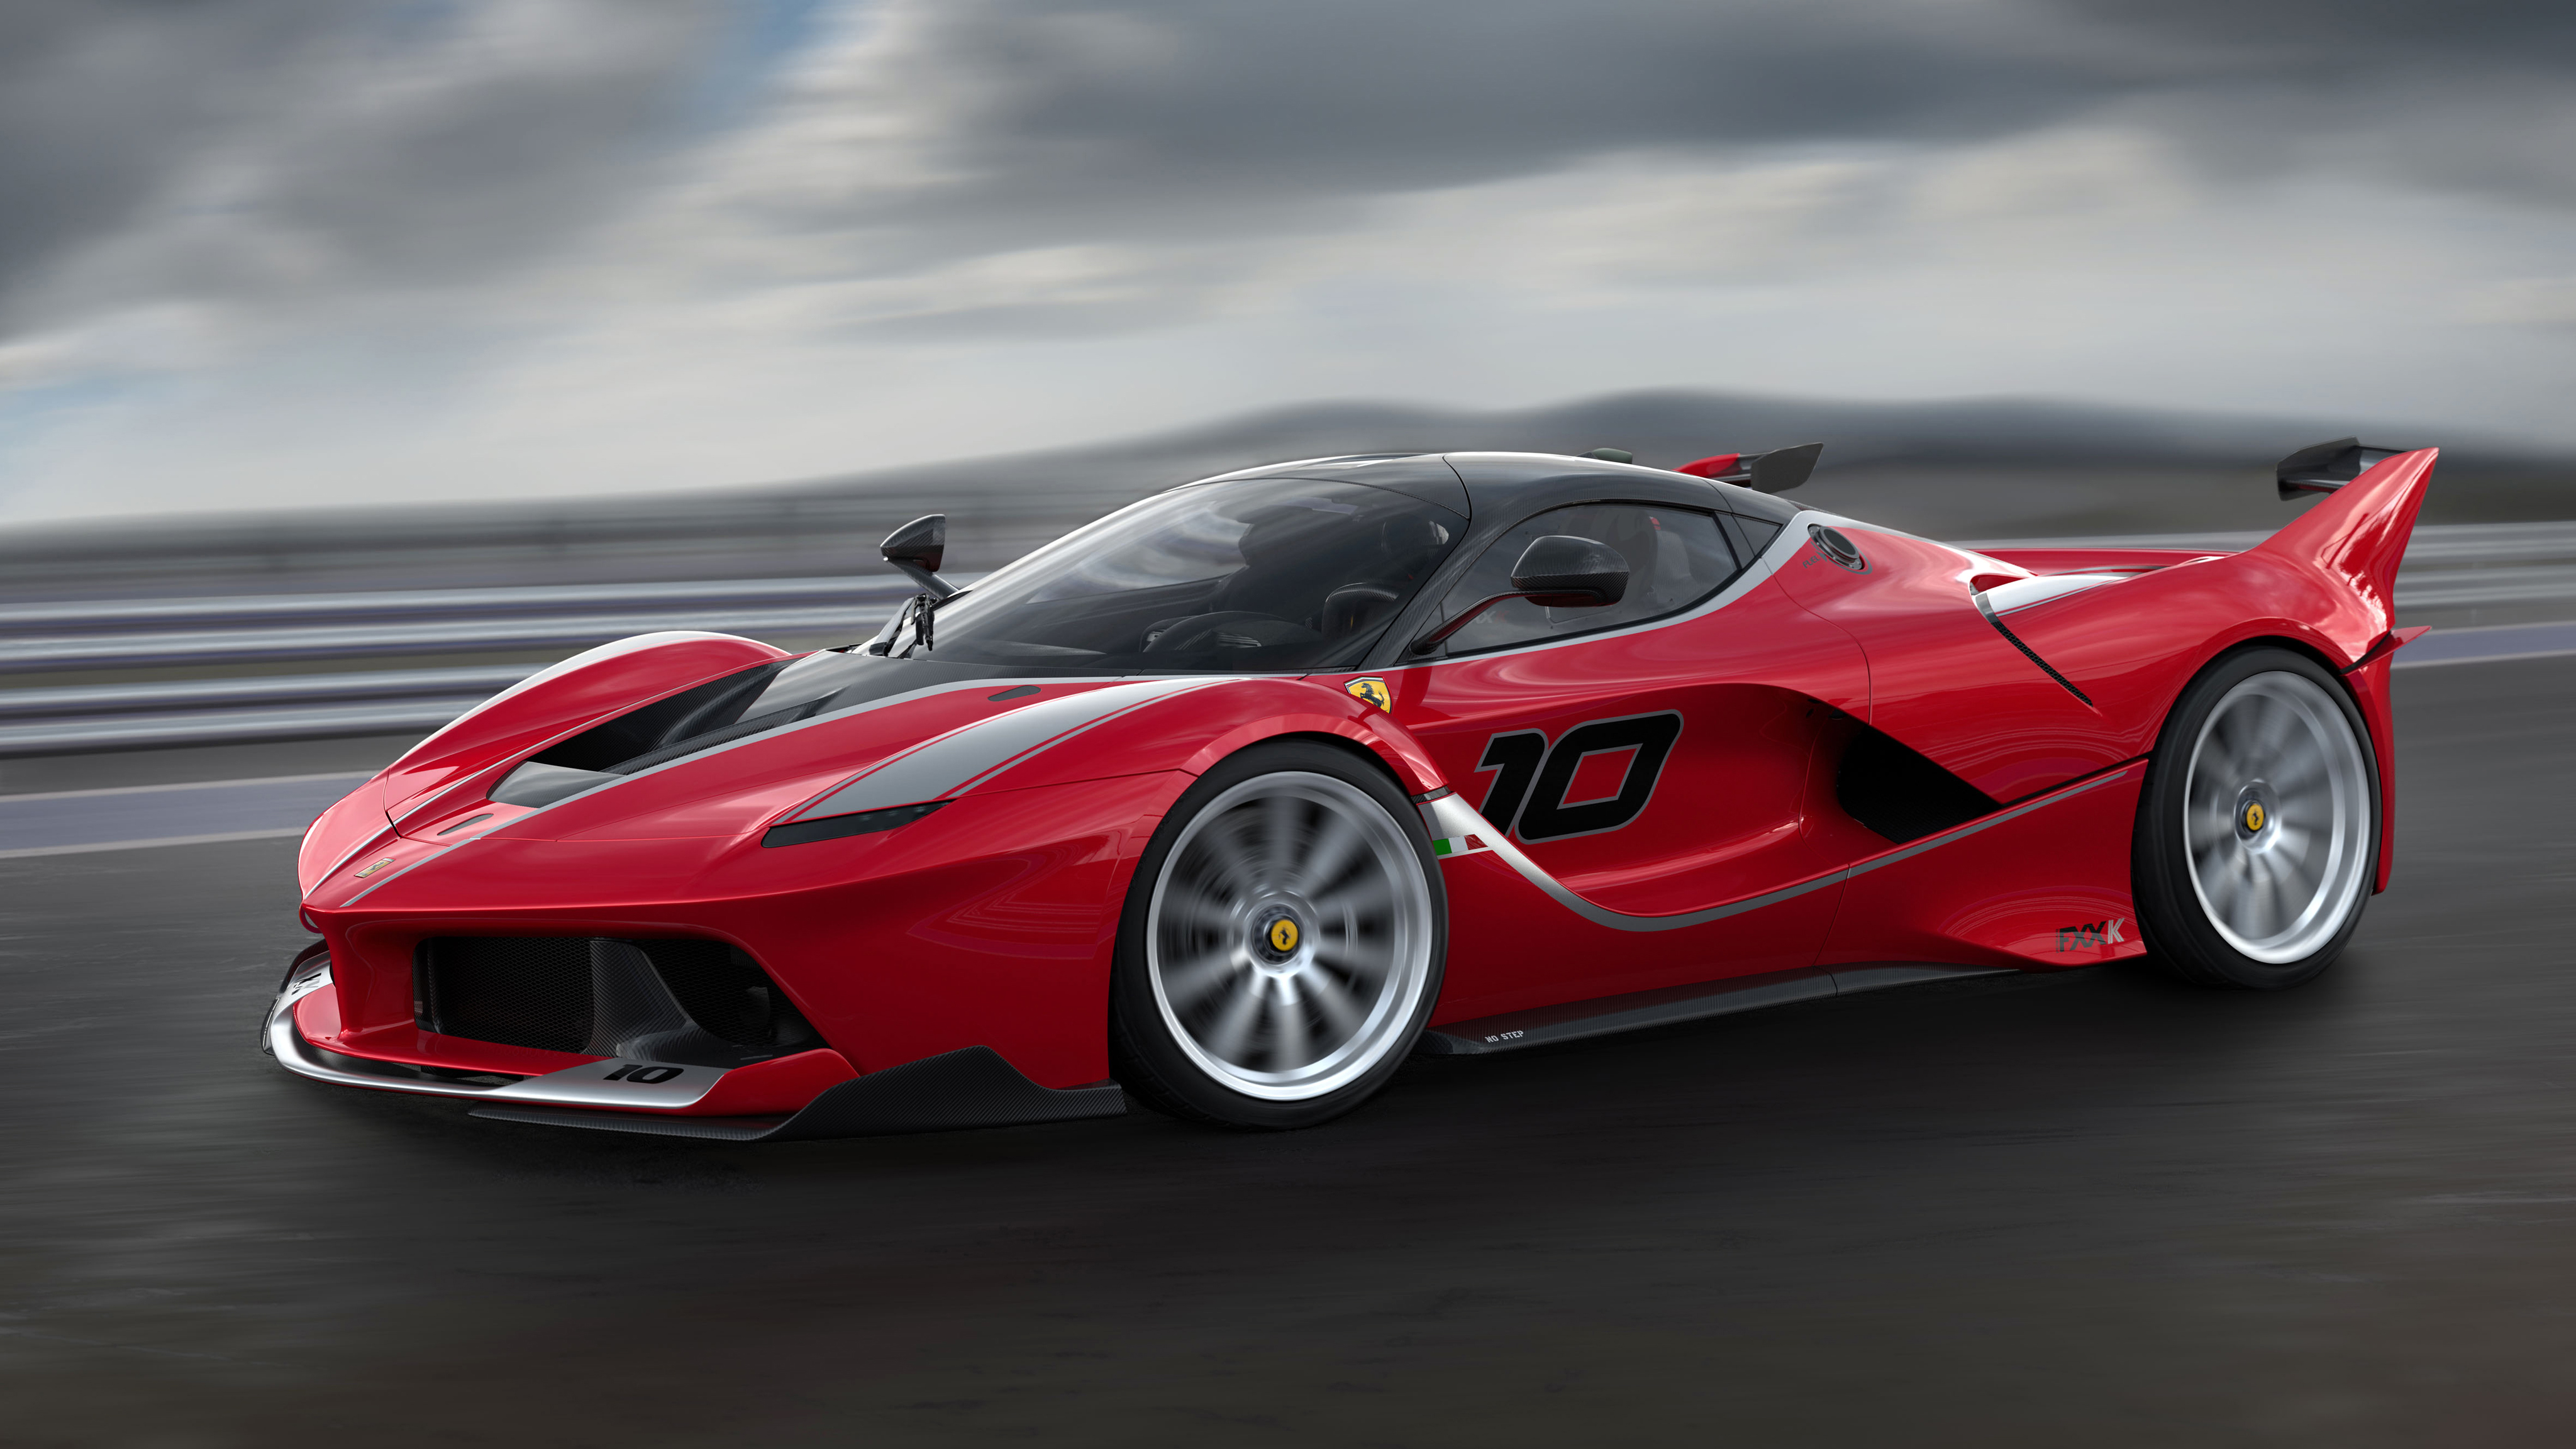 2015 Model Ferrari FXX K